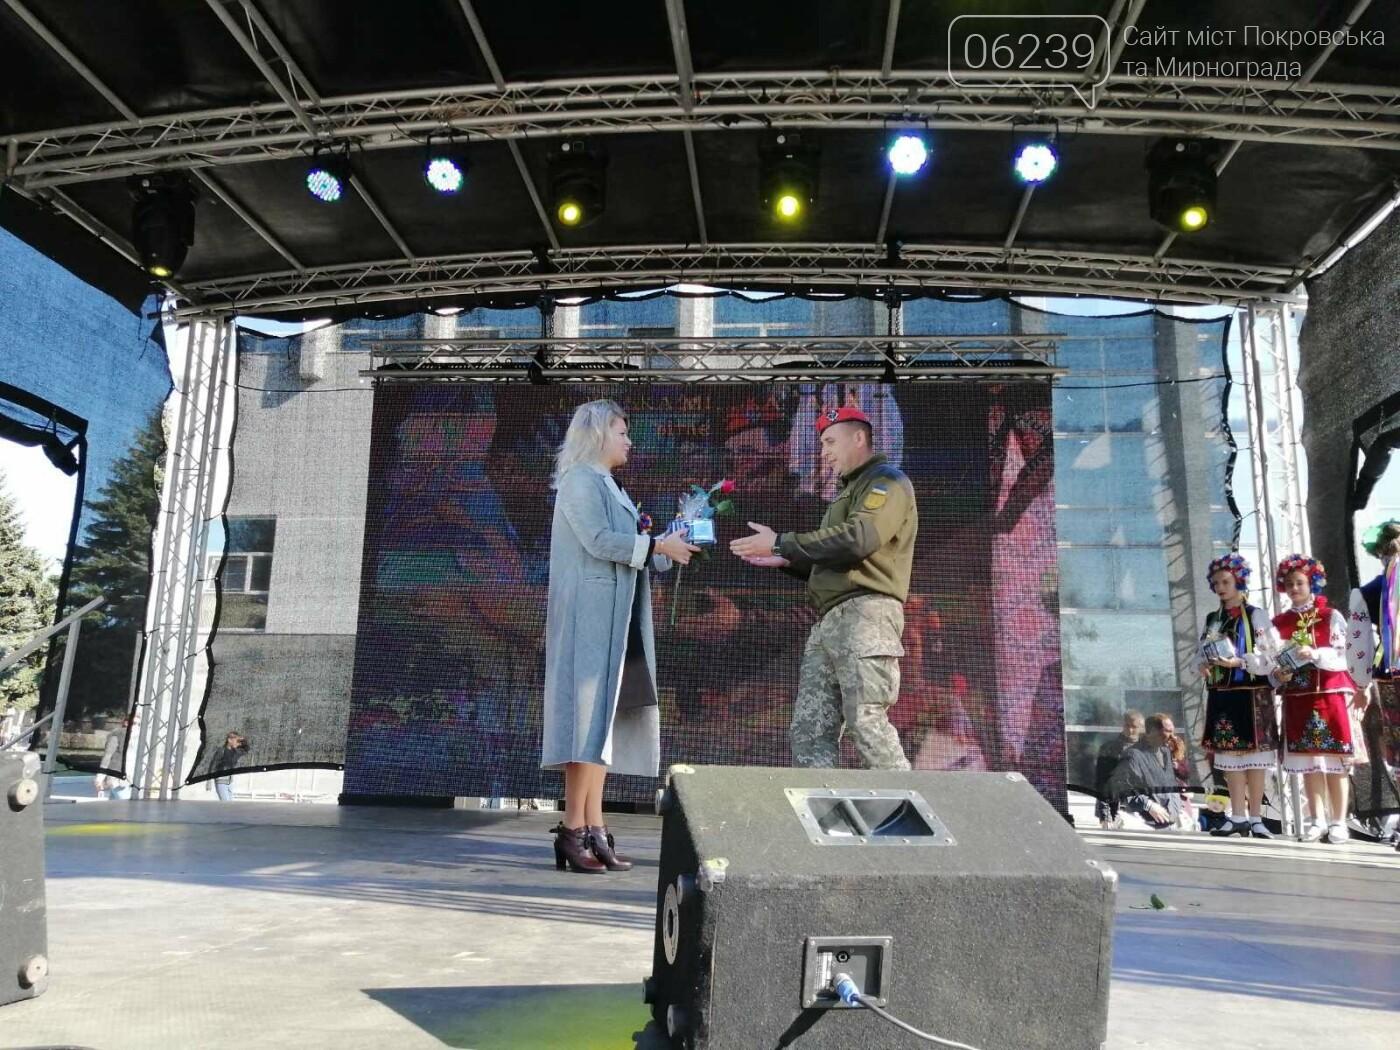 Святкова программа на честь святкування Дня захисника триває у Покровську, фото-6